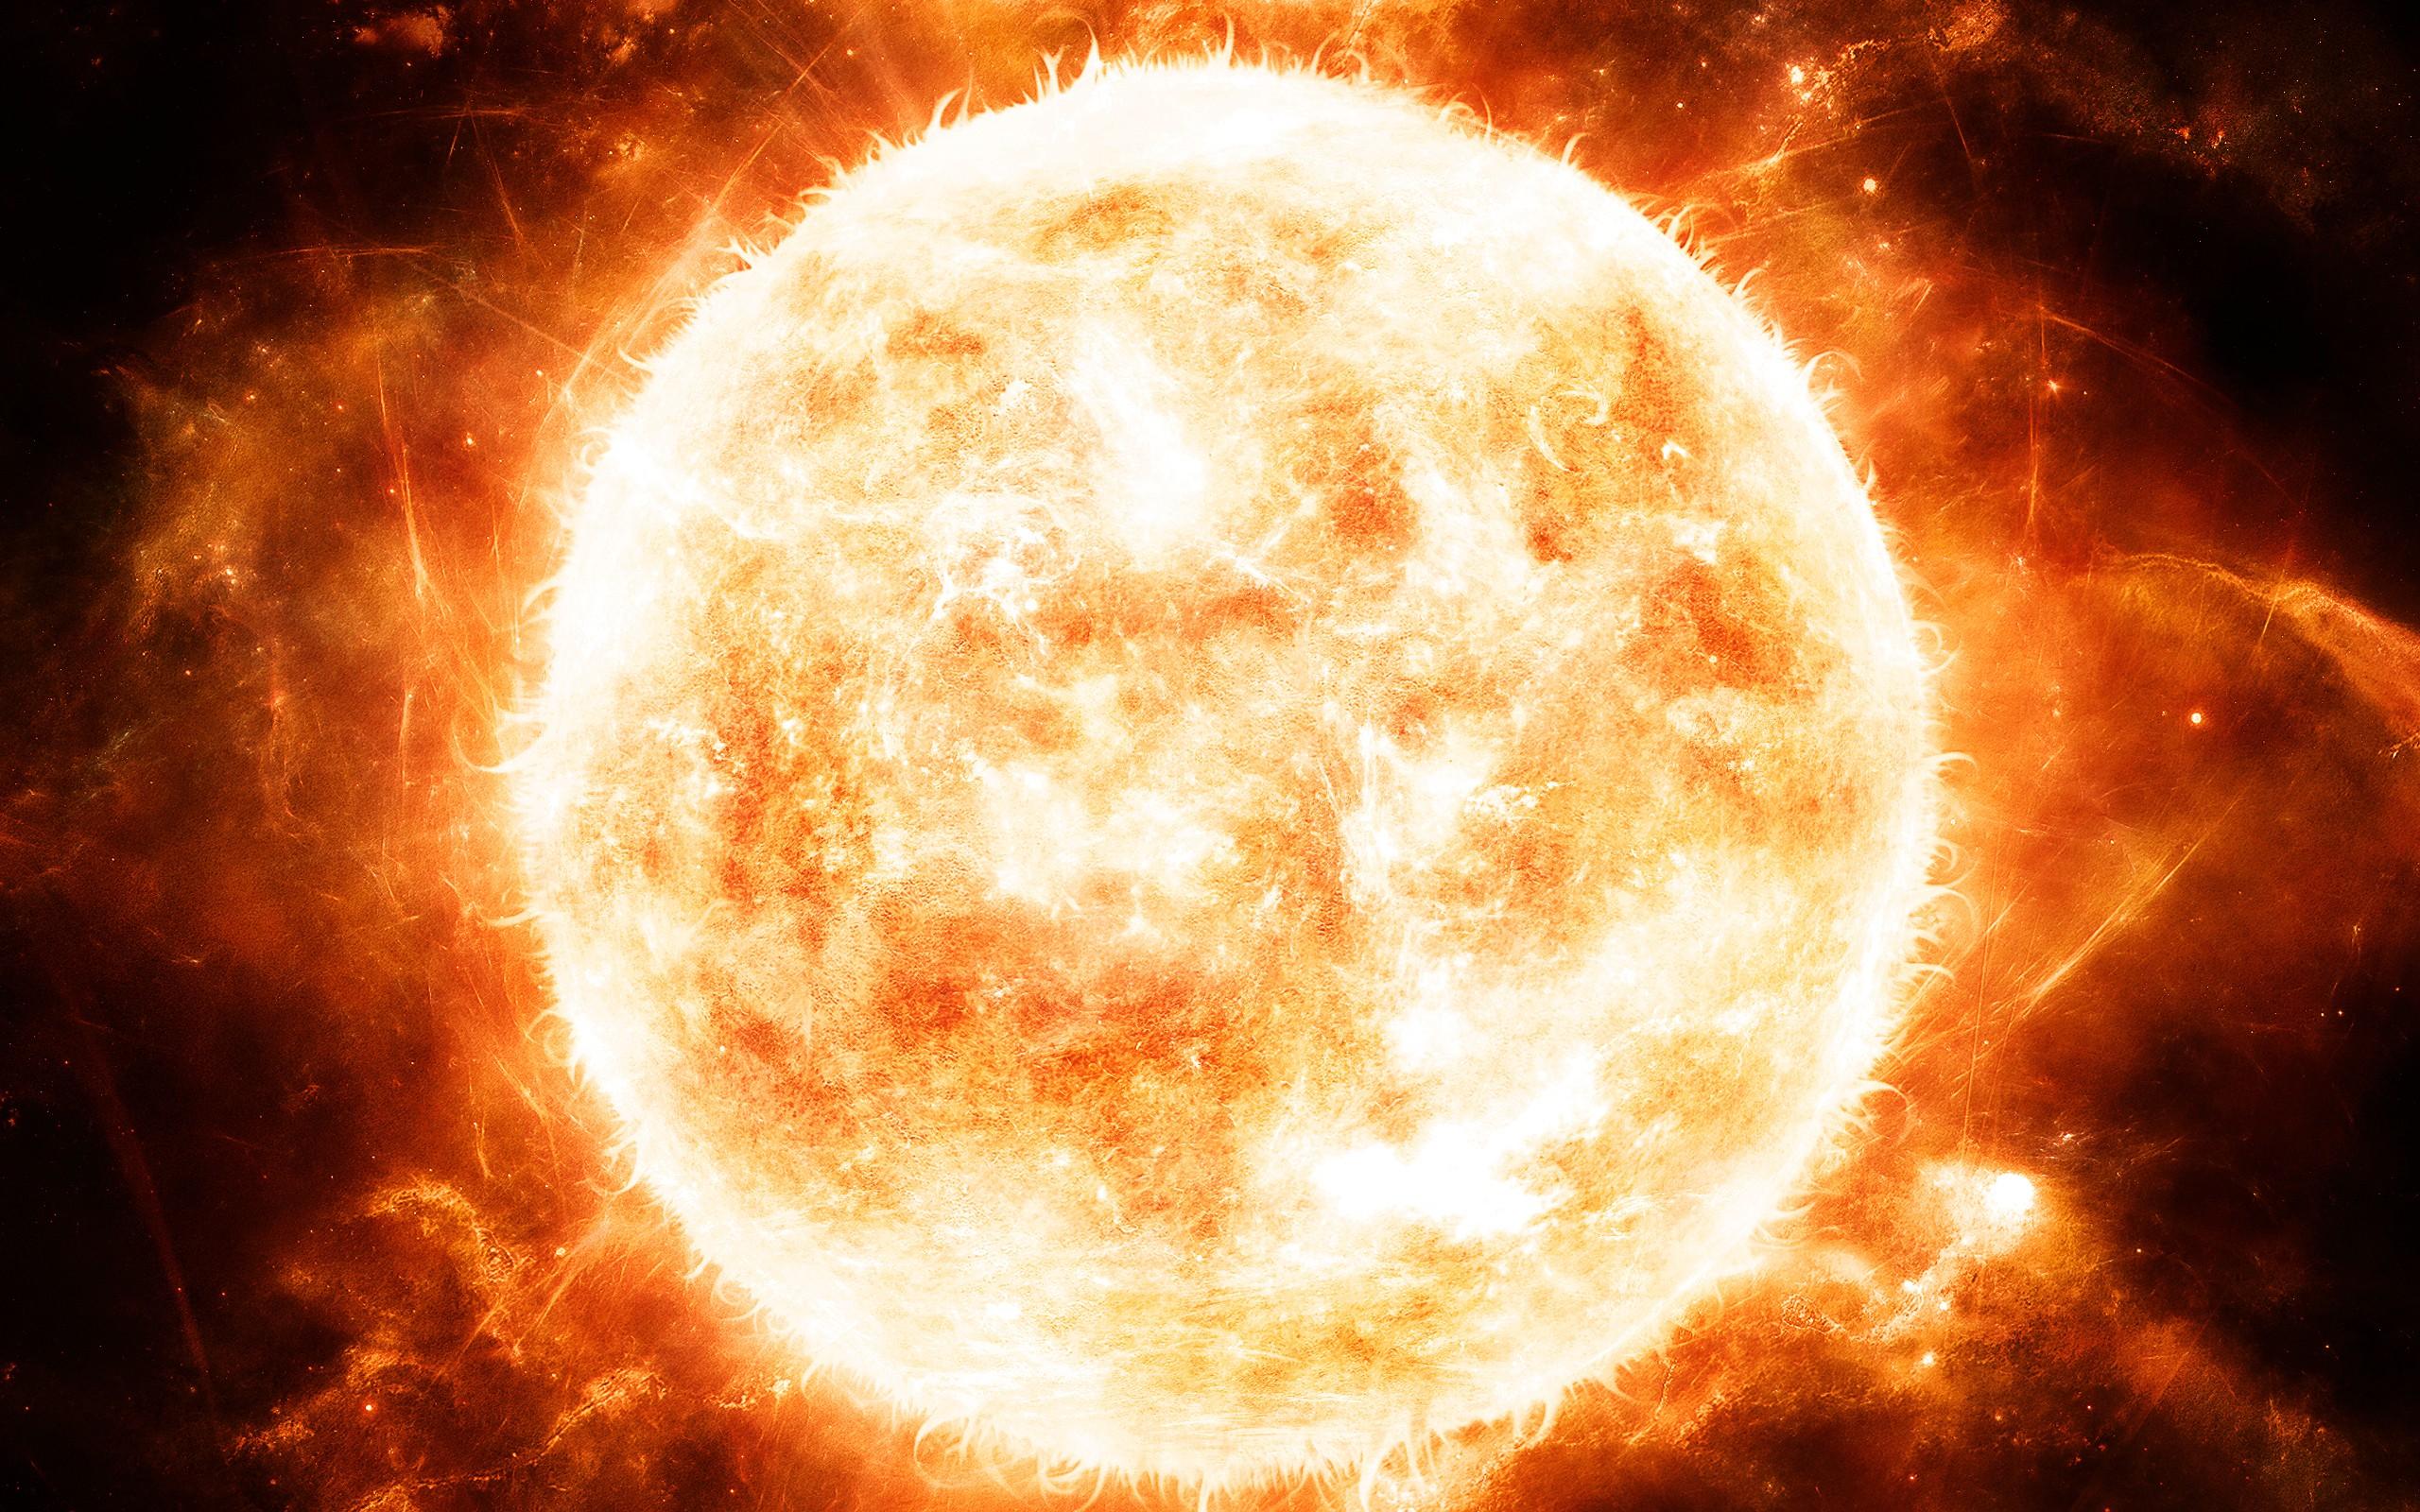 Ученые думают, что солнечная система находится вокружении солнечного ветра